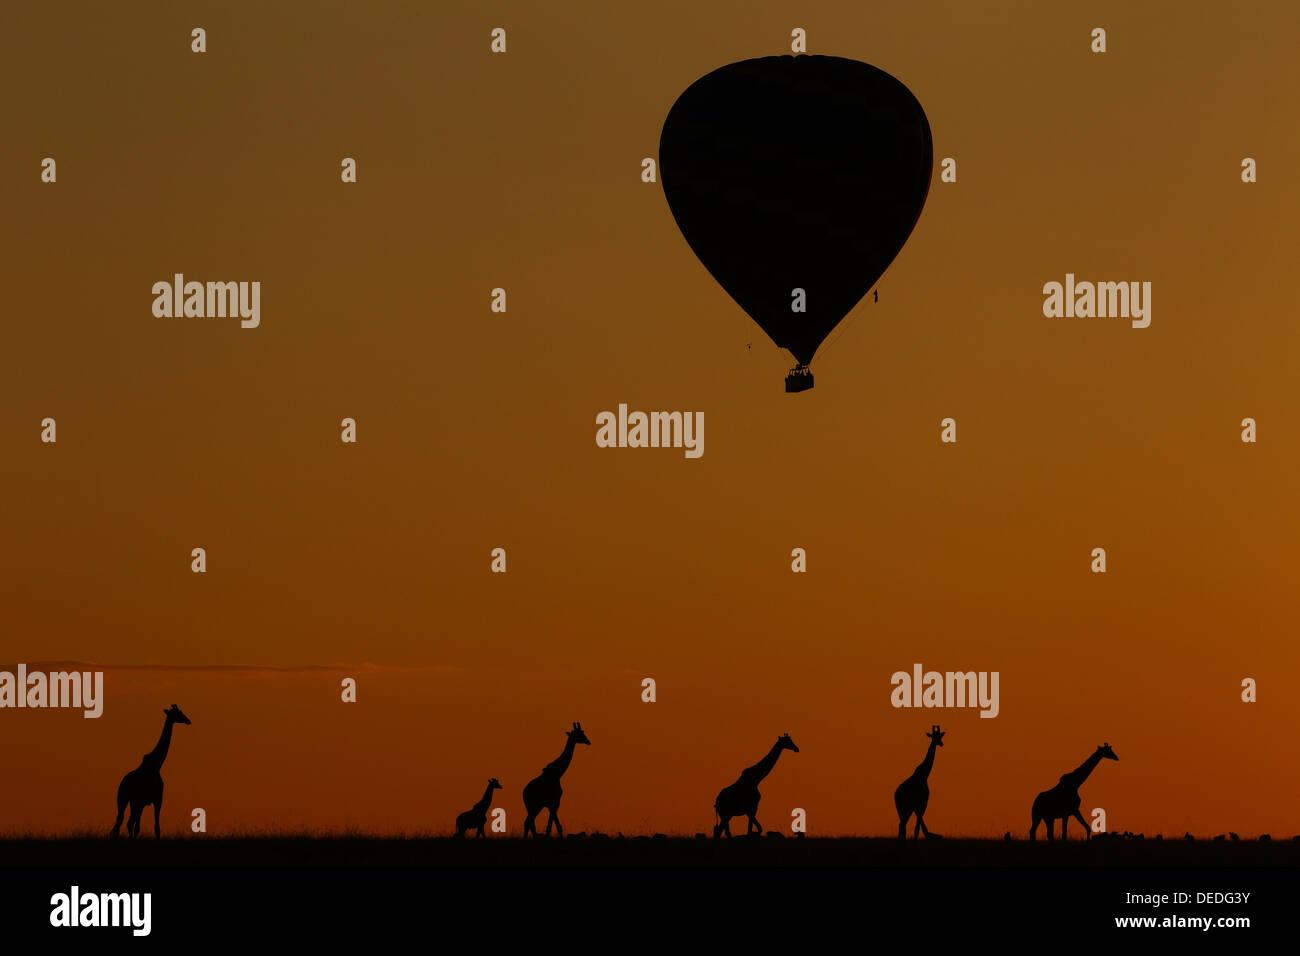 Hot Air Balloon Safari in Masai Mara, Kenya, Africa Stock Photo